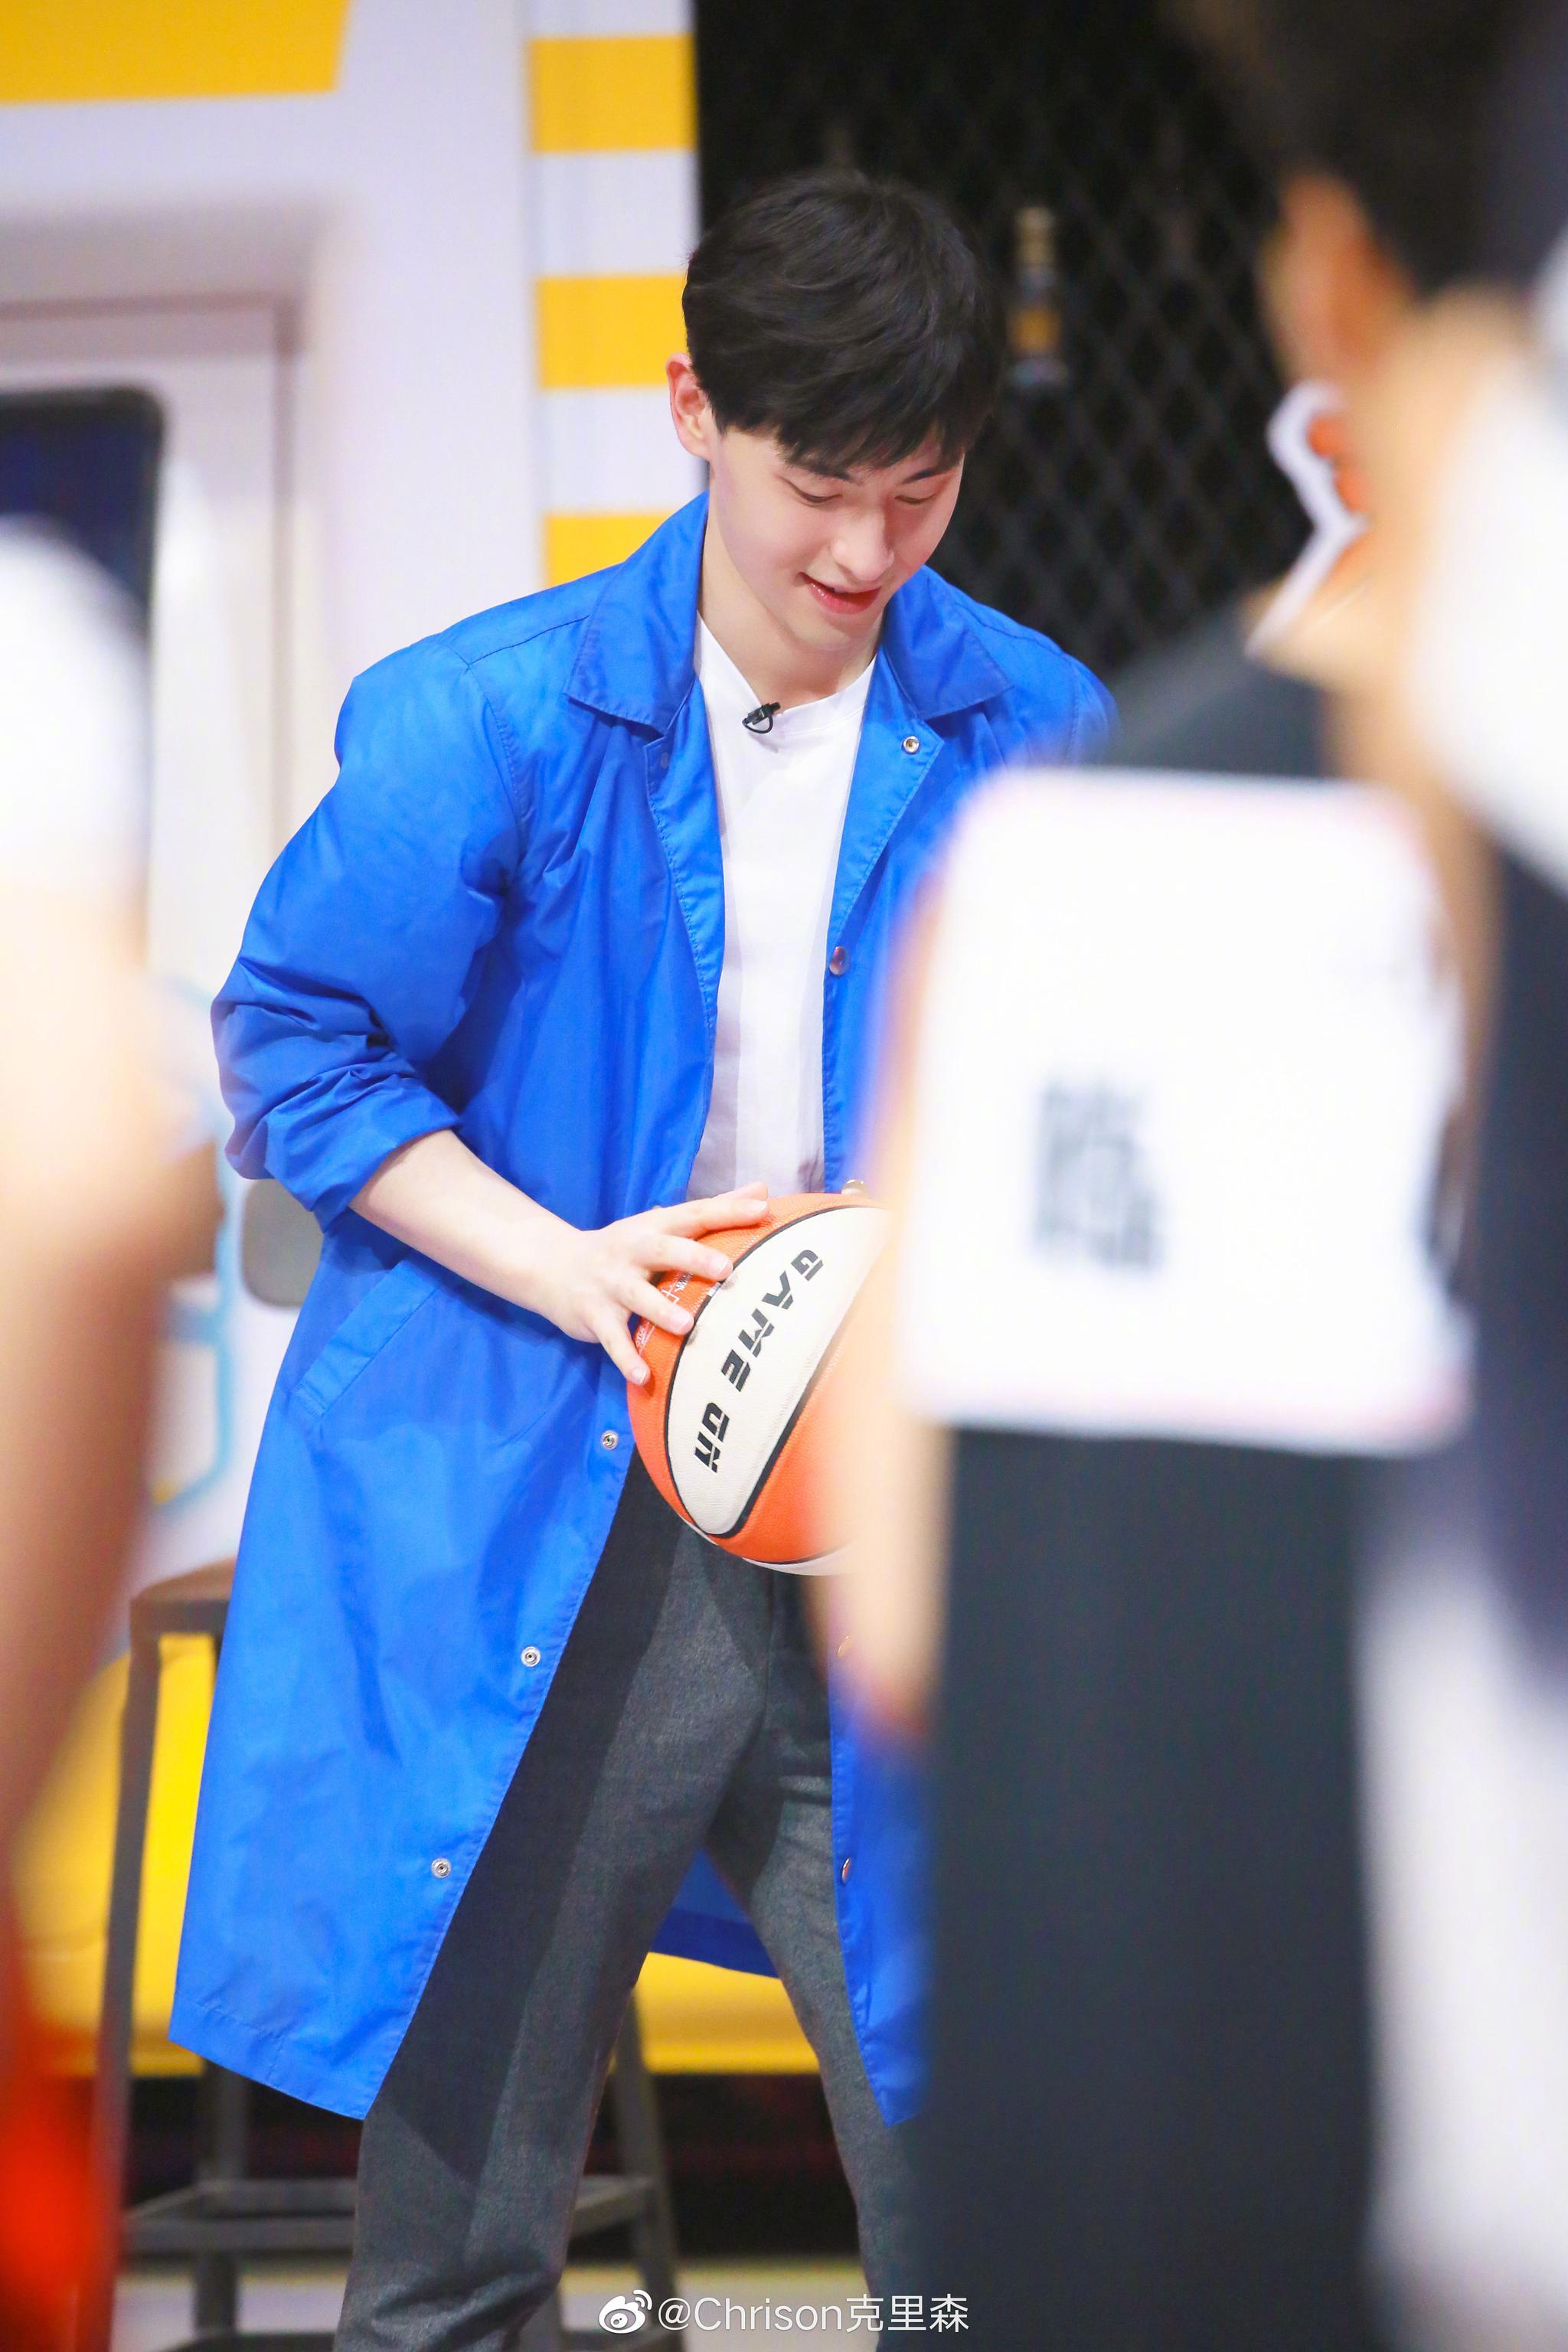 在今晚即将首播的《我要打篮球》里,邓伦穿了蓝色薄风衣加白Tee